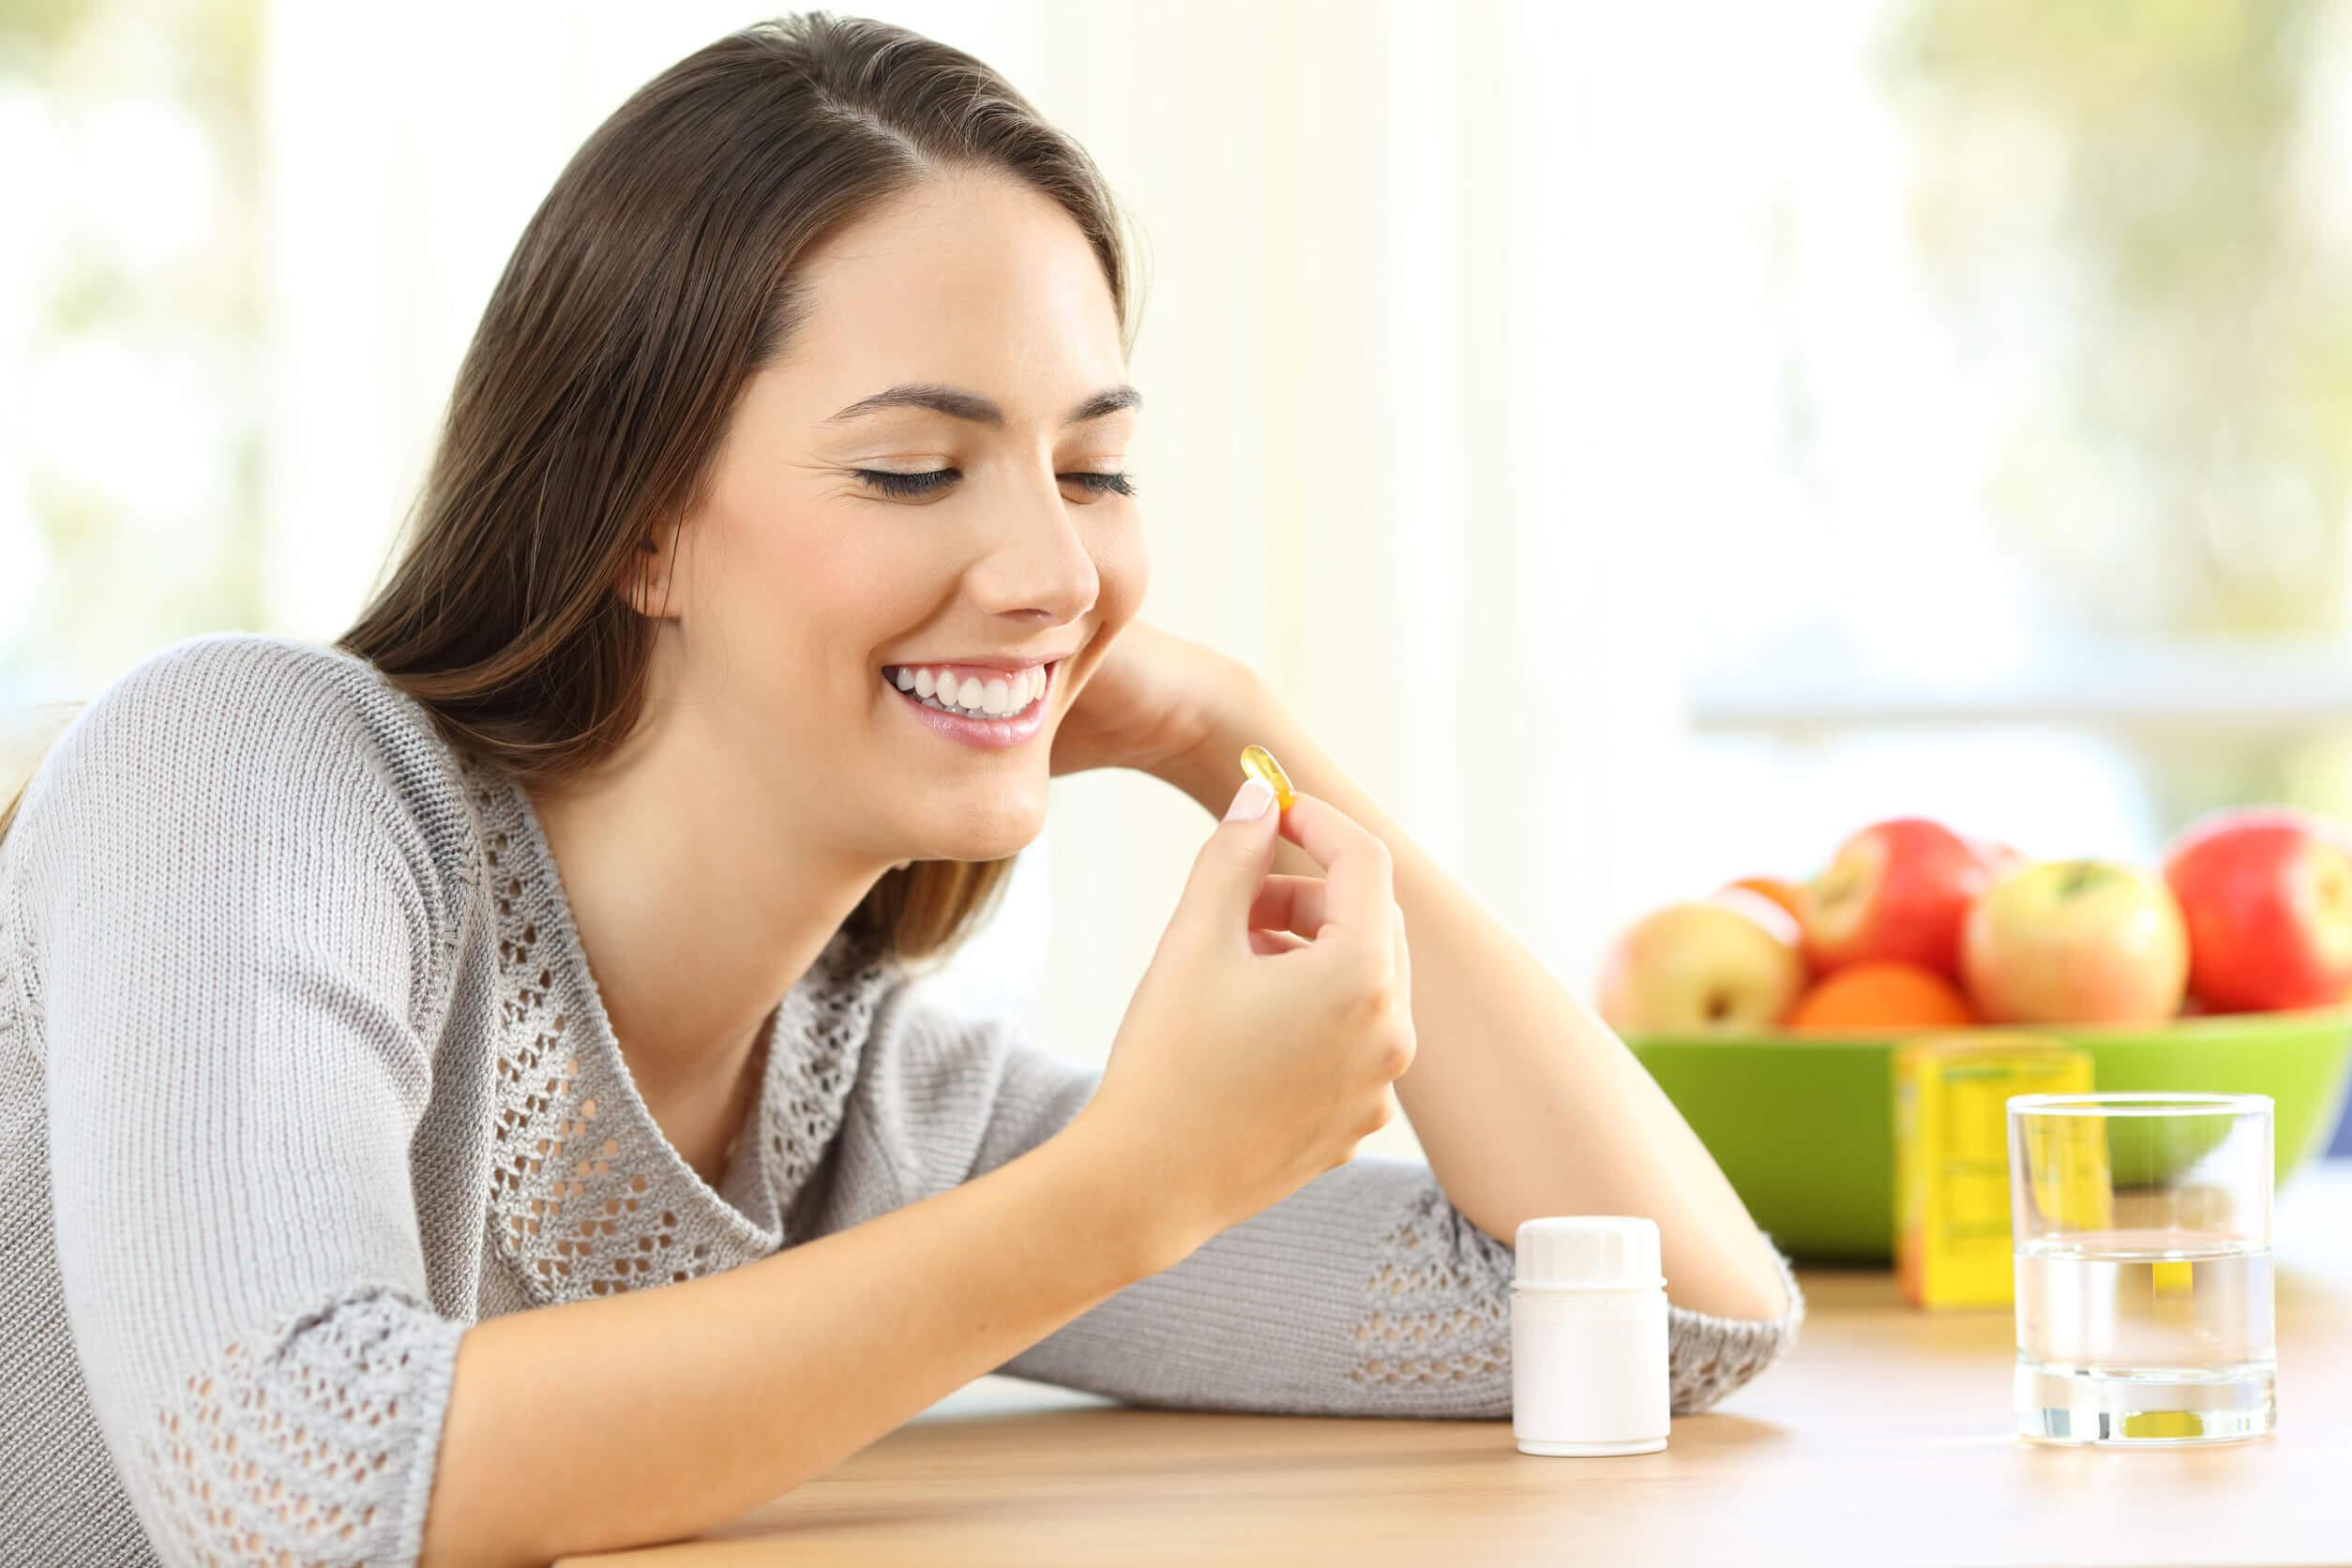 La cystite peut être traitée avec des antibiotiques.